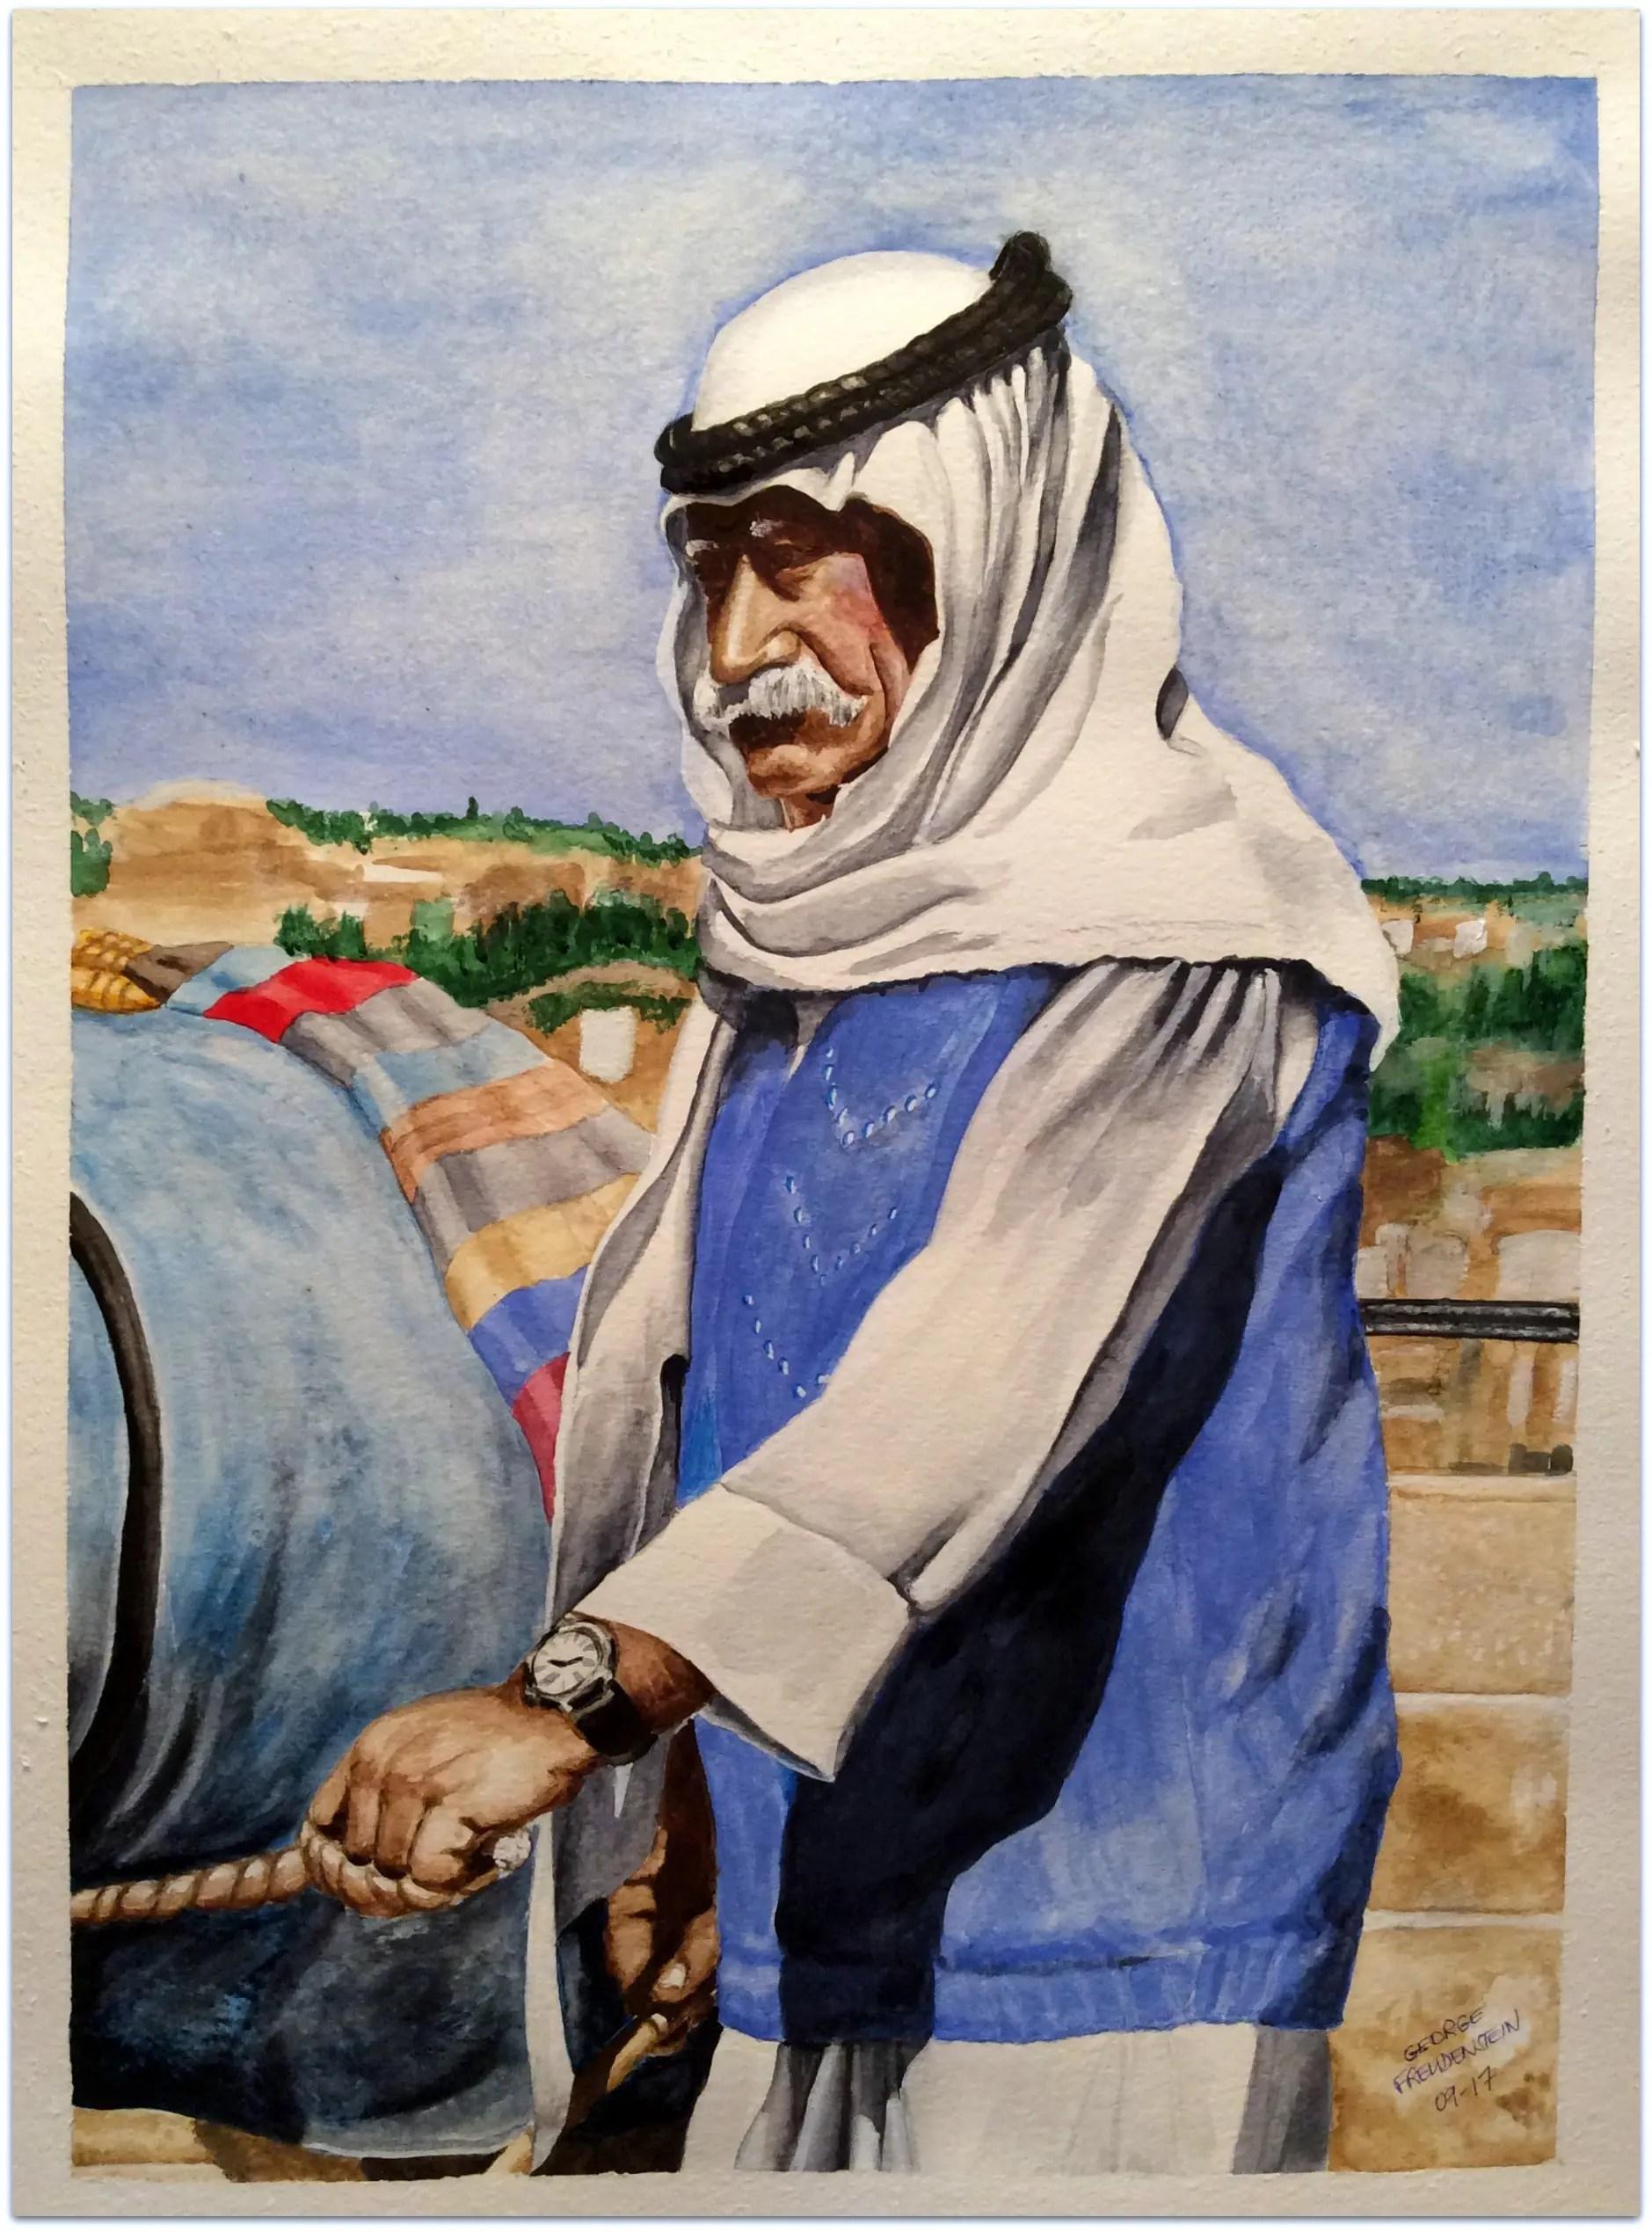 SON OF THE DESERT (Mount of Olives)